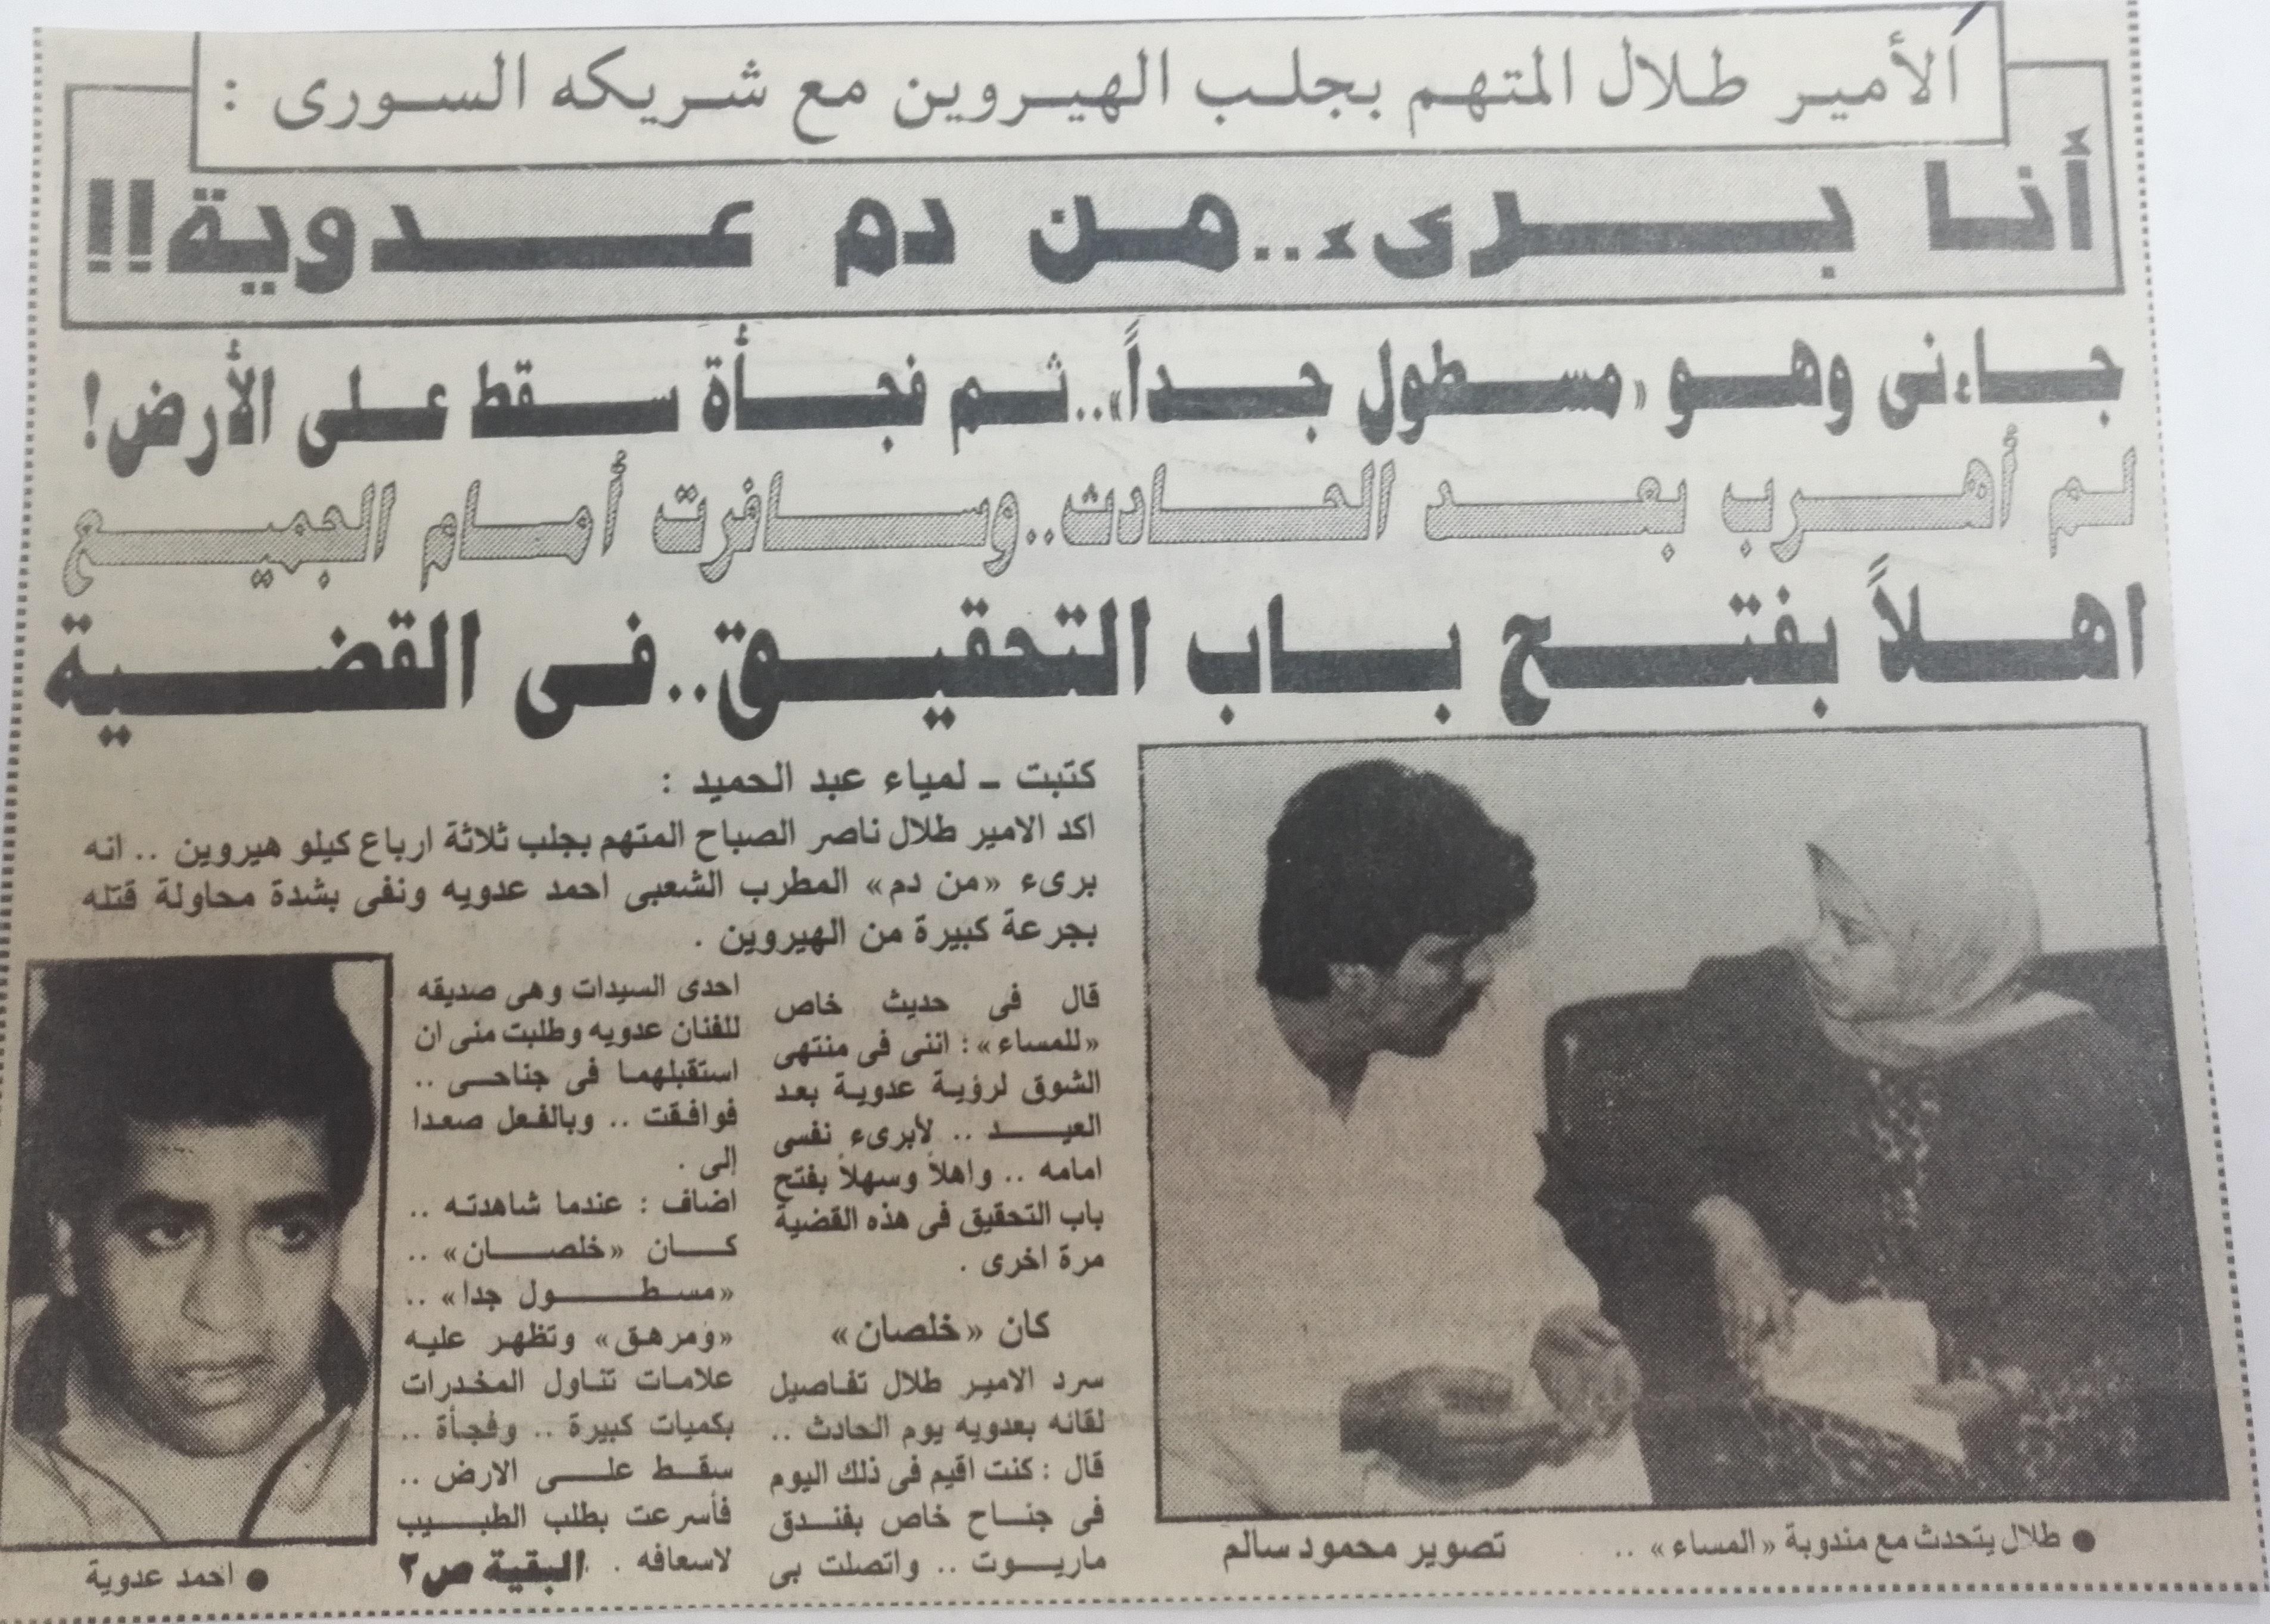 حوار الشيخ الكويتى مع جريدة المساء بعد القبض عليه عدد 18أبريل 1991